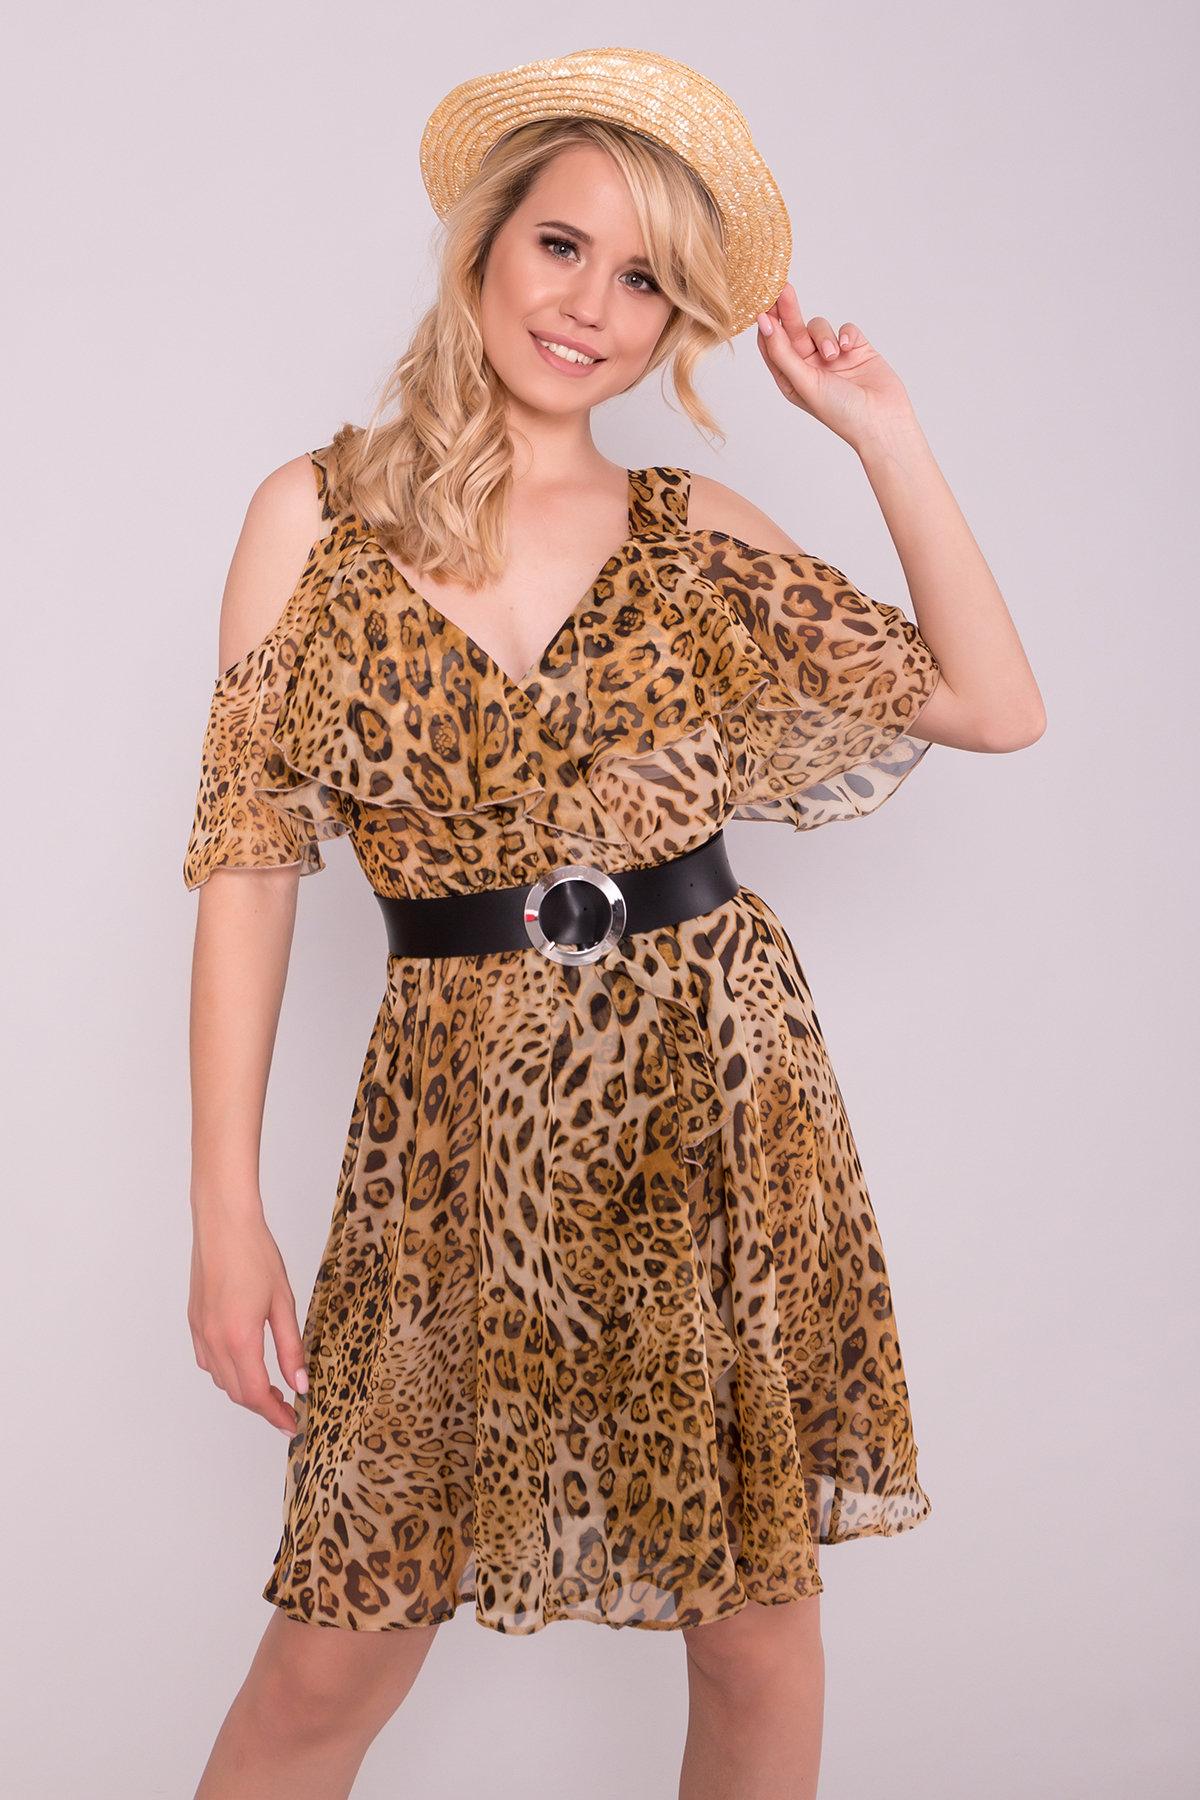 Платье животный принт Нуара 6925 АРТ. 43015 Цвет: Леопард 2 - фото 3, интернет магазин tm-modus.ru